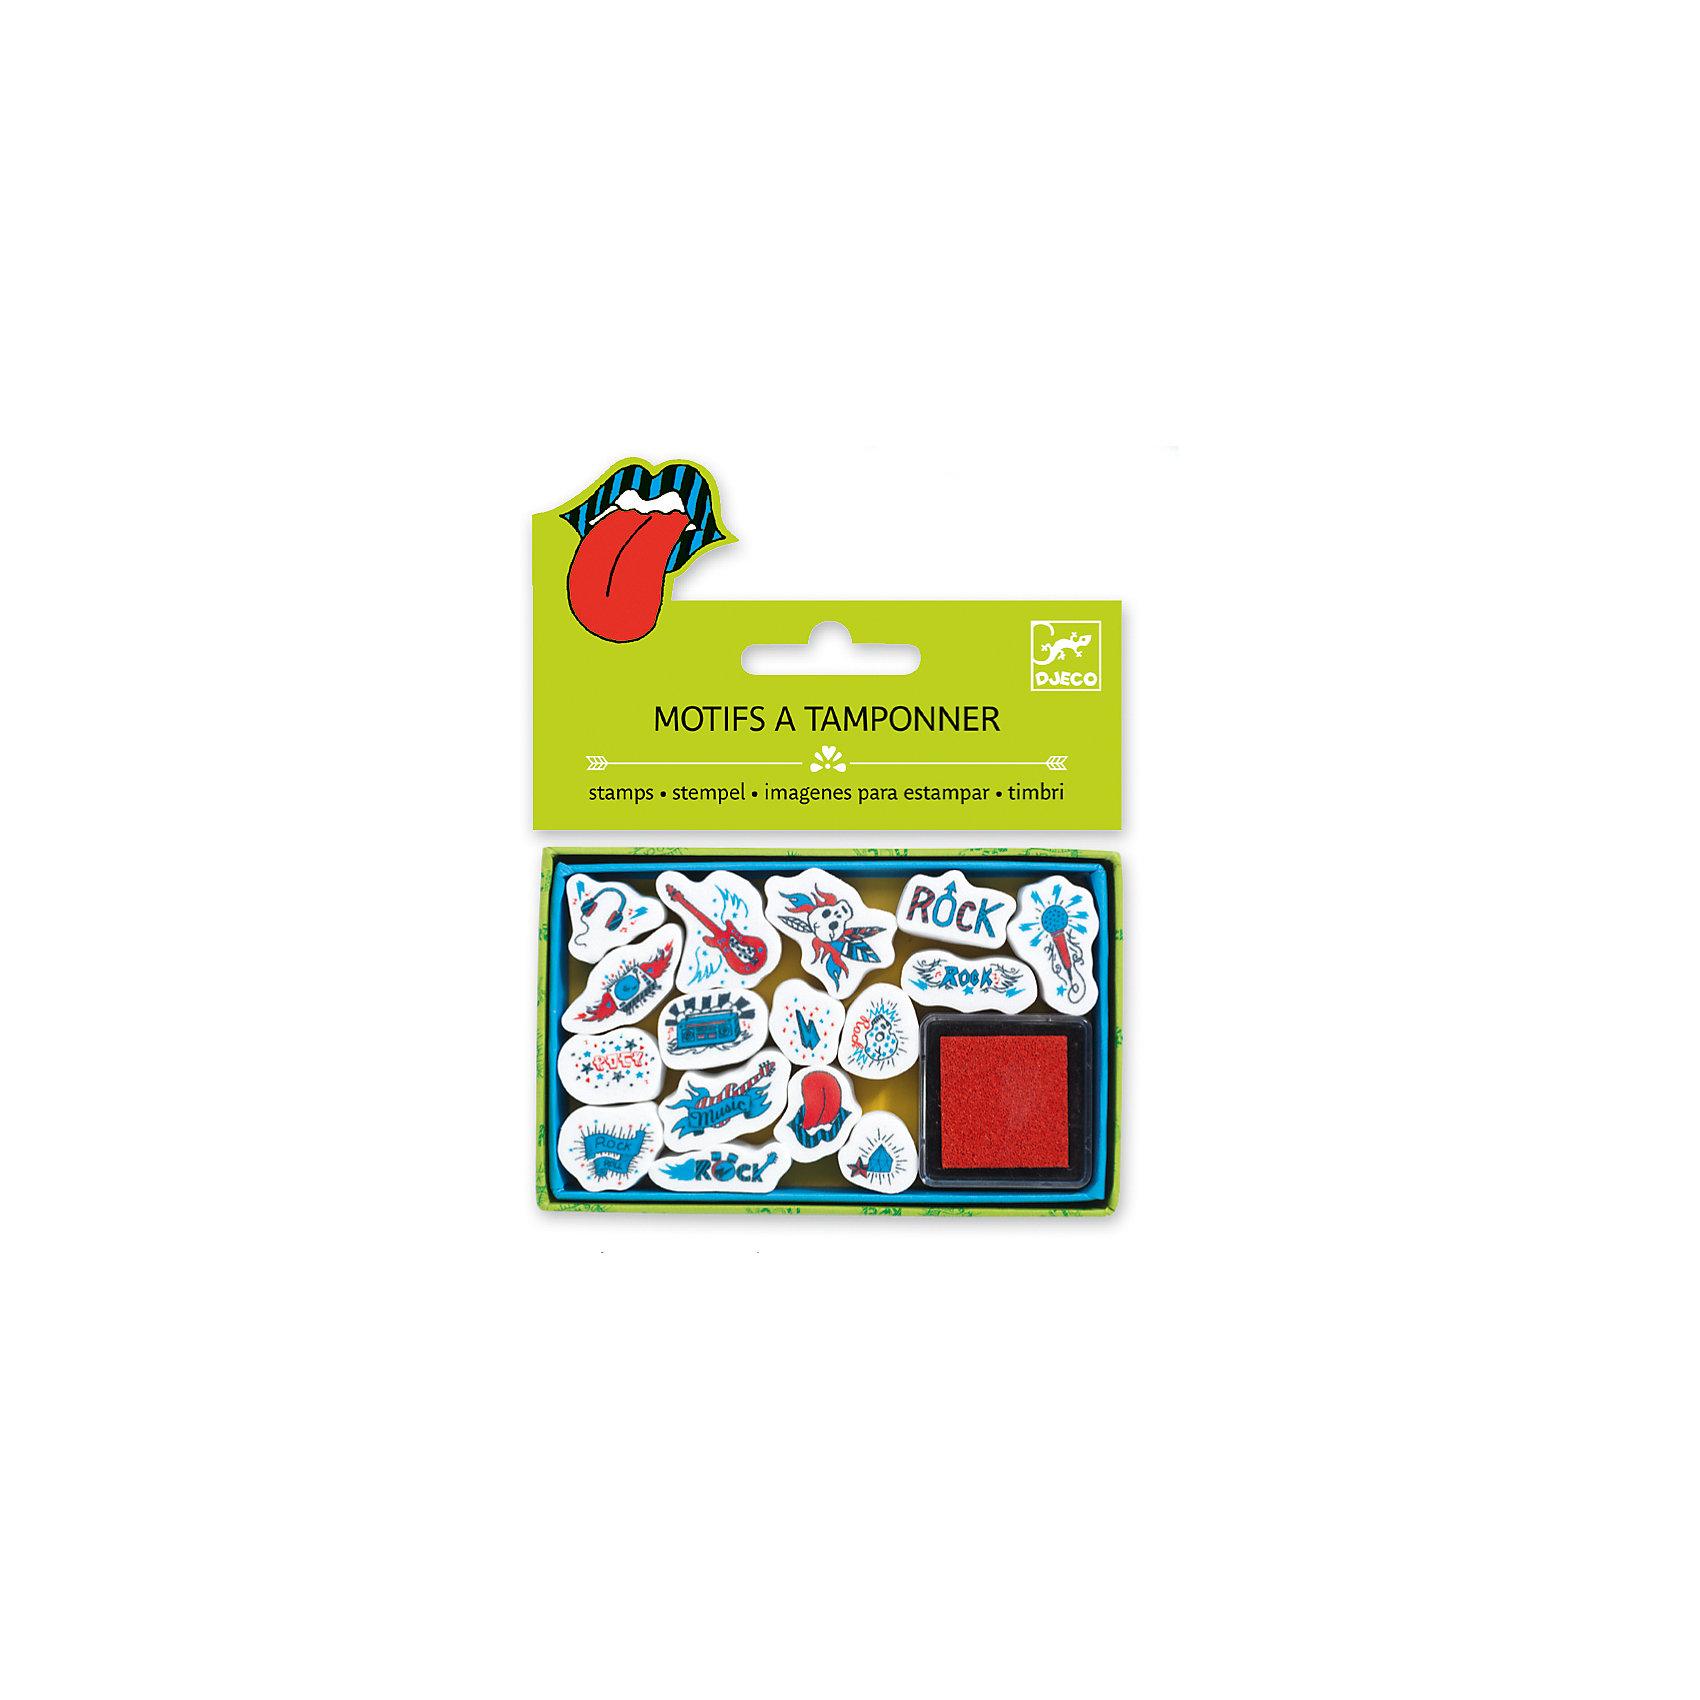 Набор штампов Музыка, DJECOРисование<br>Характеристики набора штампов Музыка:<br><br>• возраст: от 3 лет<br>• пол: универсальный<br>• комплект: 15 штампов с музыкальными символами, 1 подушечка с краской.<br>• состав: картон, пластик.<br>• размер упаковки: 21 х 23 х 2 см.<br>• упаковка: пакет с хедером.<br>• бренд: Djeco<br>• страна обладатель бренда: Франция.<br><br>Набор штампов Музыка замечательно подойдет для меломанов, а также работающих и учащихся в этой сфере. При помощи такого набора можно создавать тематические поздравительные открытки, конверты, приглашения и многое другое. В набор входит 15 штампов, которые сделают веселую жизнь музыканта еще более интересной и красочной.<br><br>Набор штампов Музыка от торговой марки Djeco (Джеко) можно купить в нашем интернет-магазине.<br><br>Ширина мм: 110<br>Глубина мм: 15<br>Высота мм: 10<br>Вес г: 55<br>Возраст от месяцев: 36<br>Возраст до месяцев: 2147483647<br>Пол: Унисекс<br>Возраст: Детский<br>SKU: 5448848